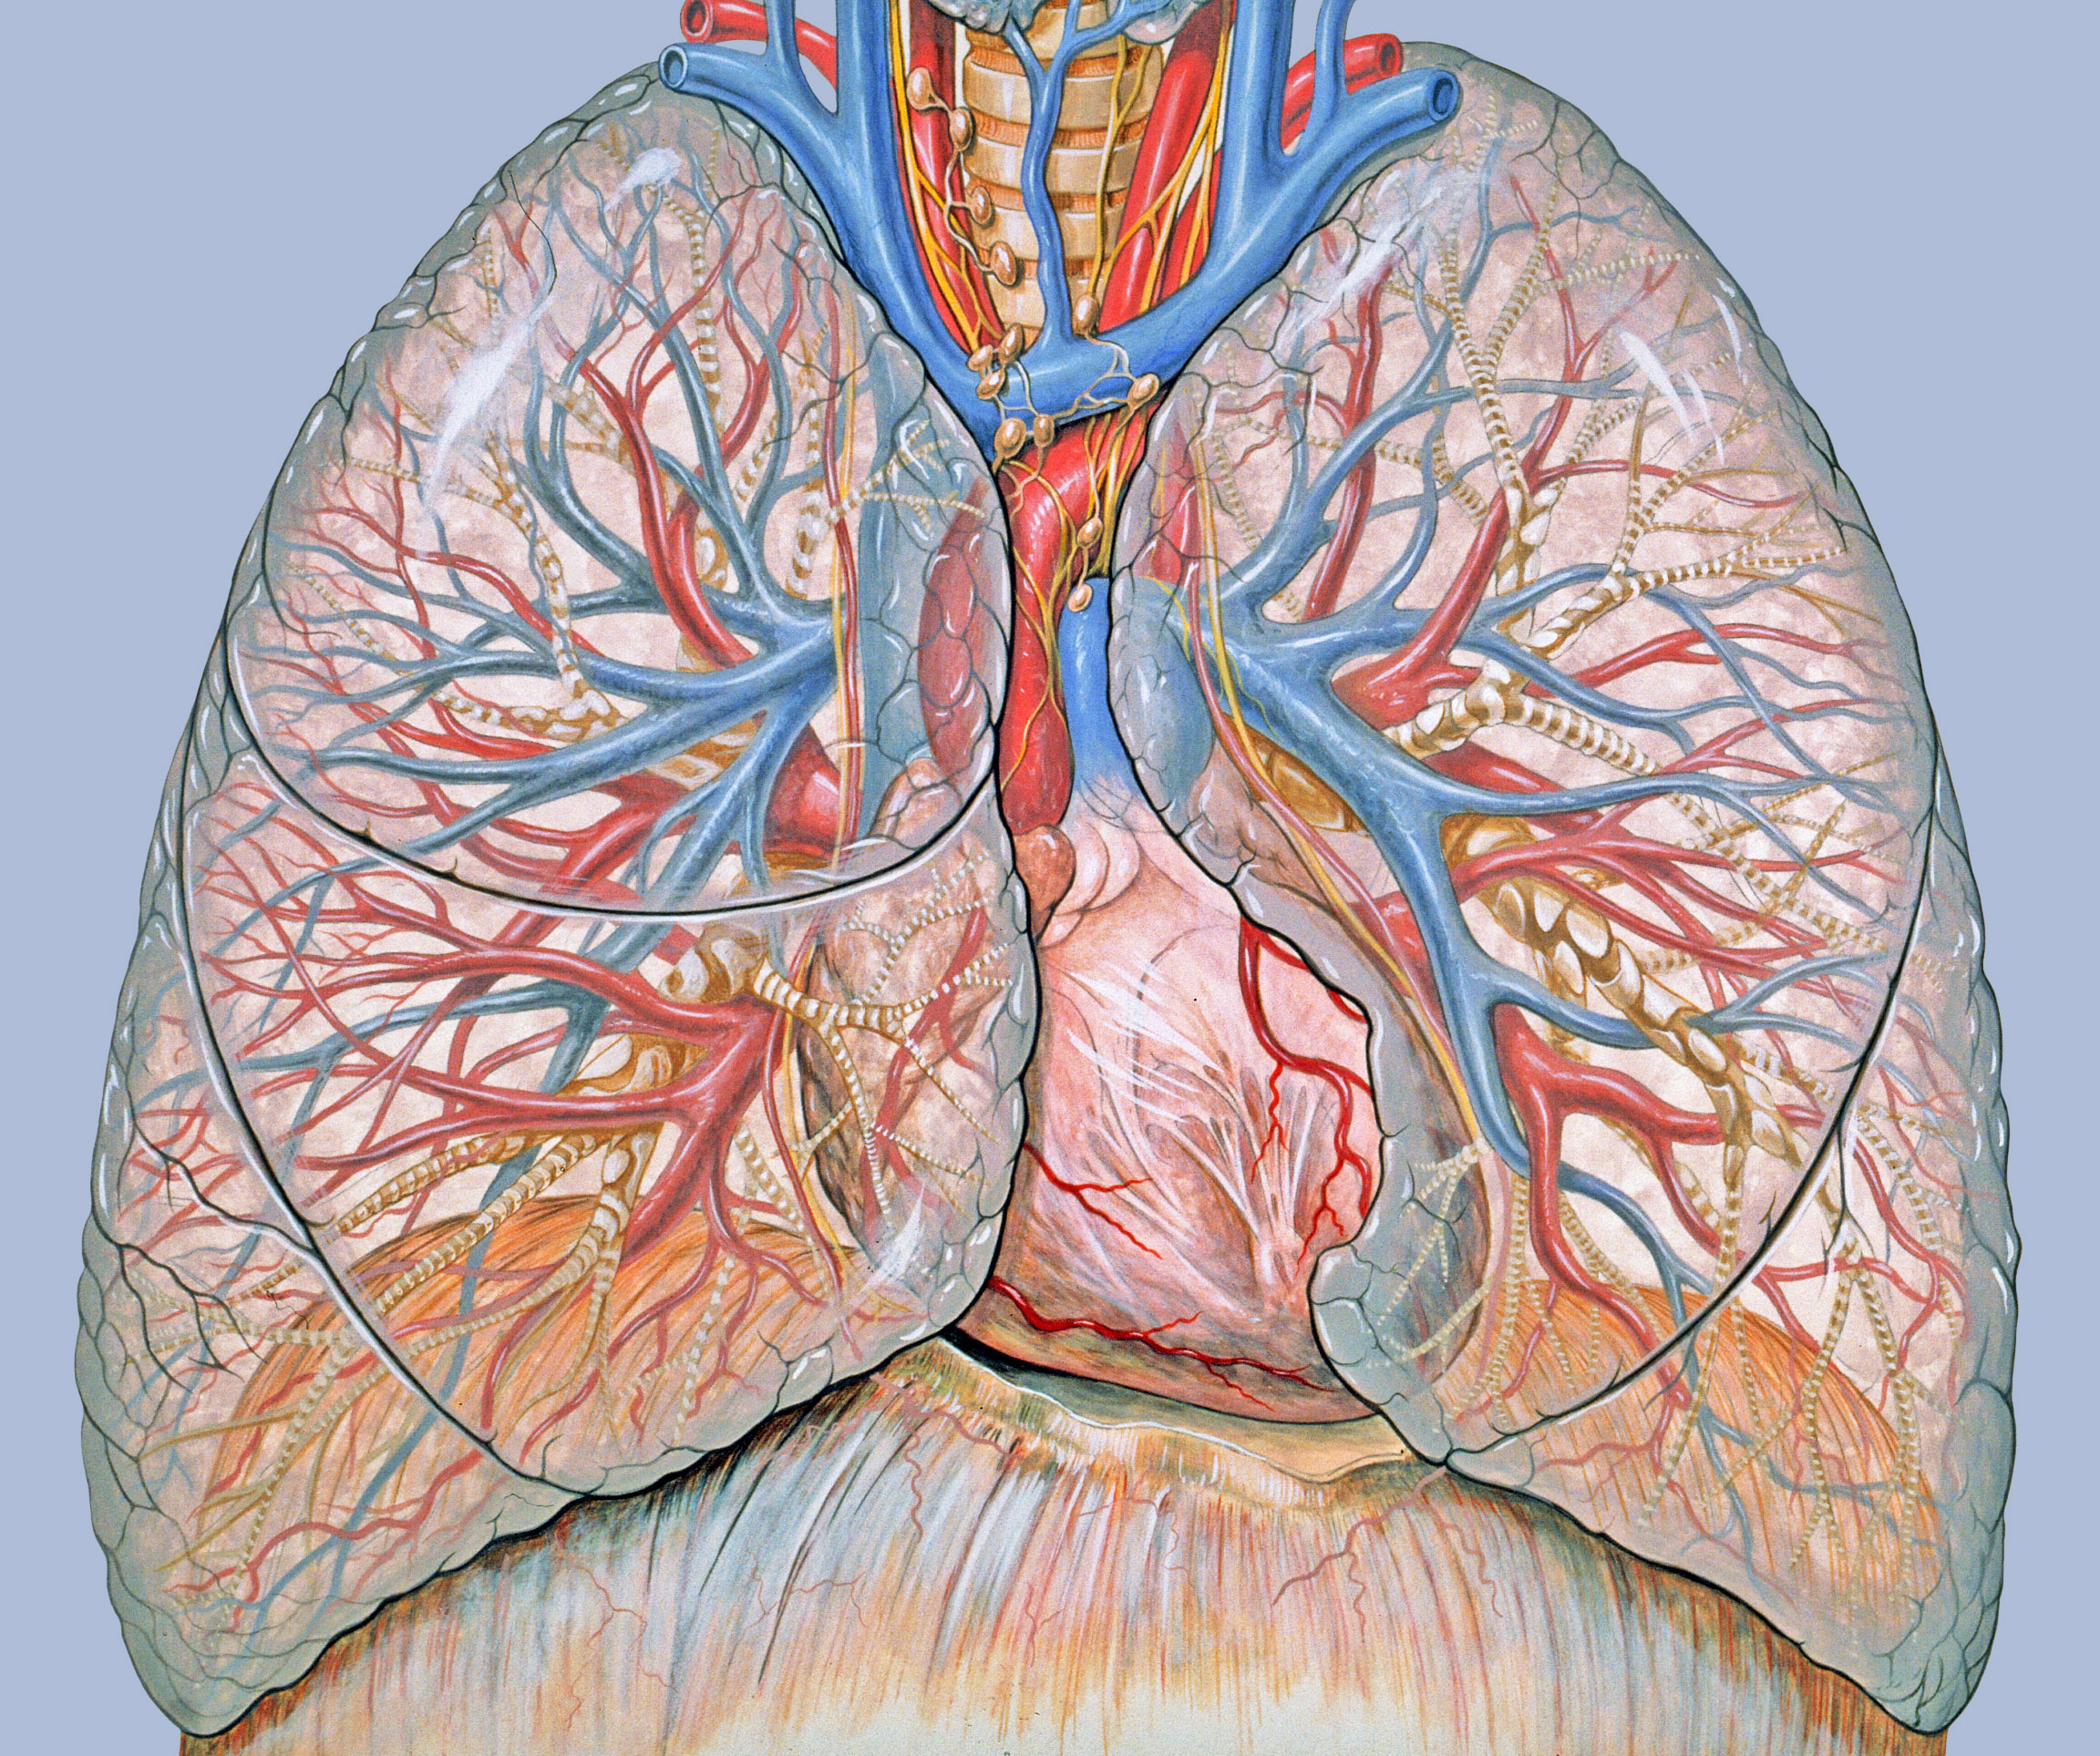 Bolesti hipertenzije, frakcija asd-2 u hipertenziji